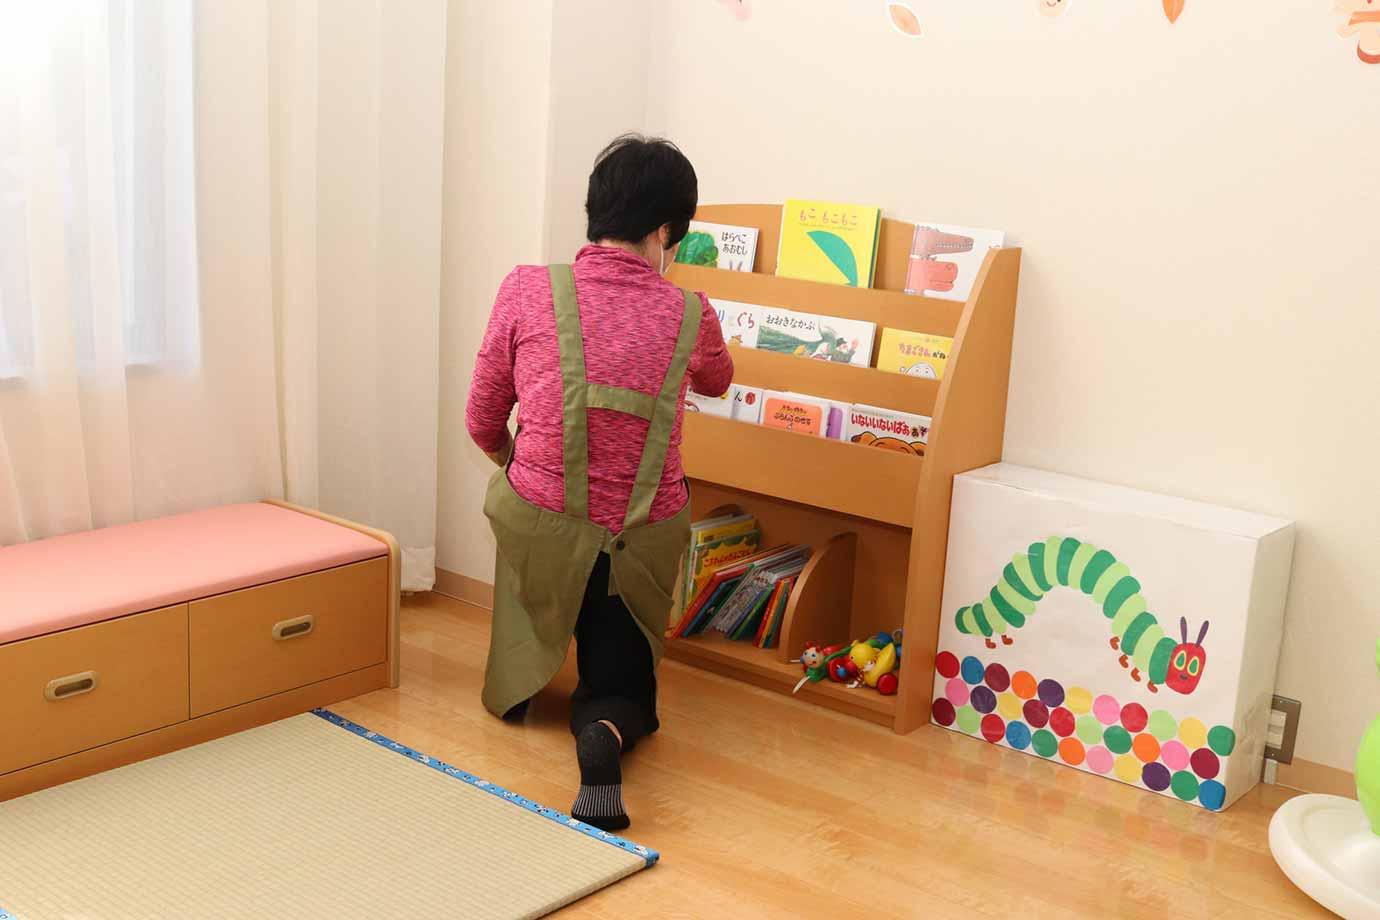 子どもの触れるものを拭いたり、片づけたりする環境整備スタッフ